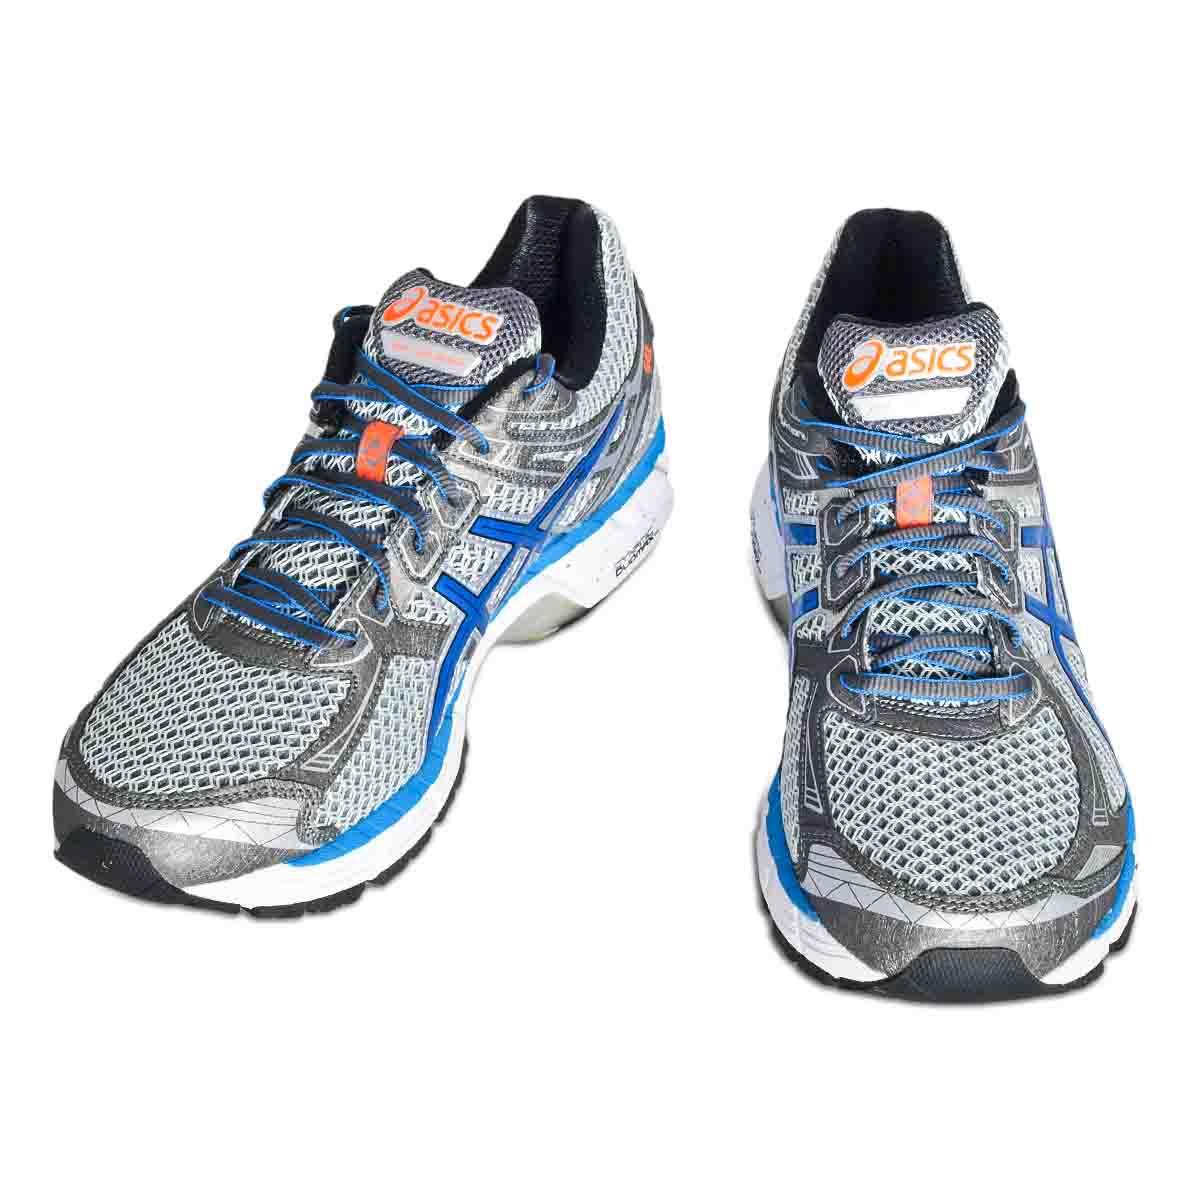 Asics Mens Running Shoes GT 2000 2 Size UK 9.5 - 15 | EBay